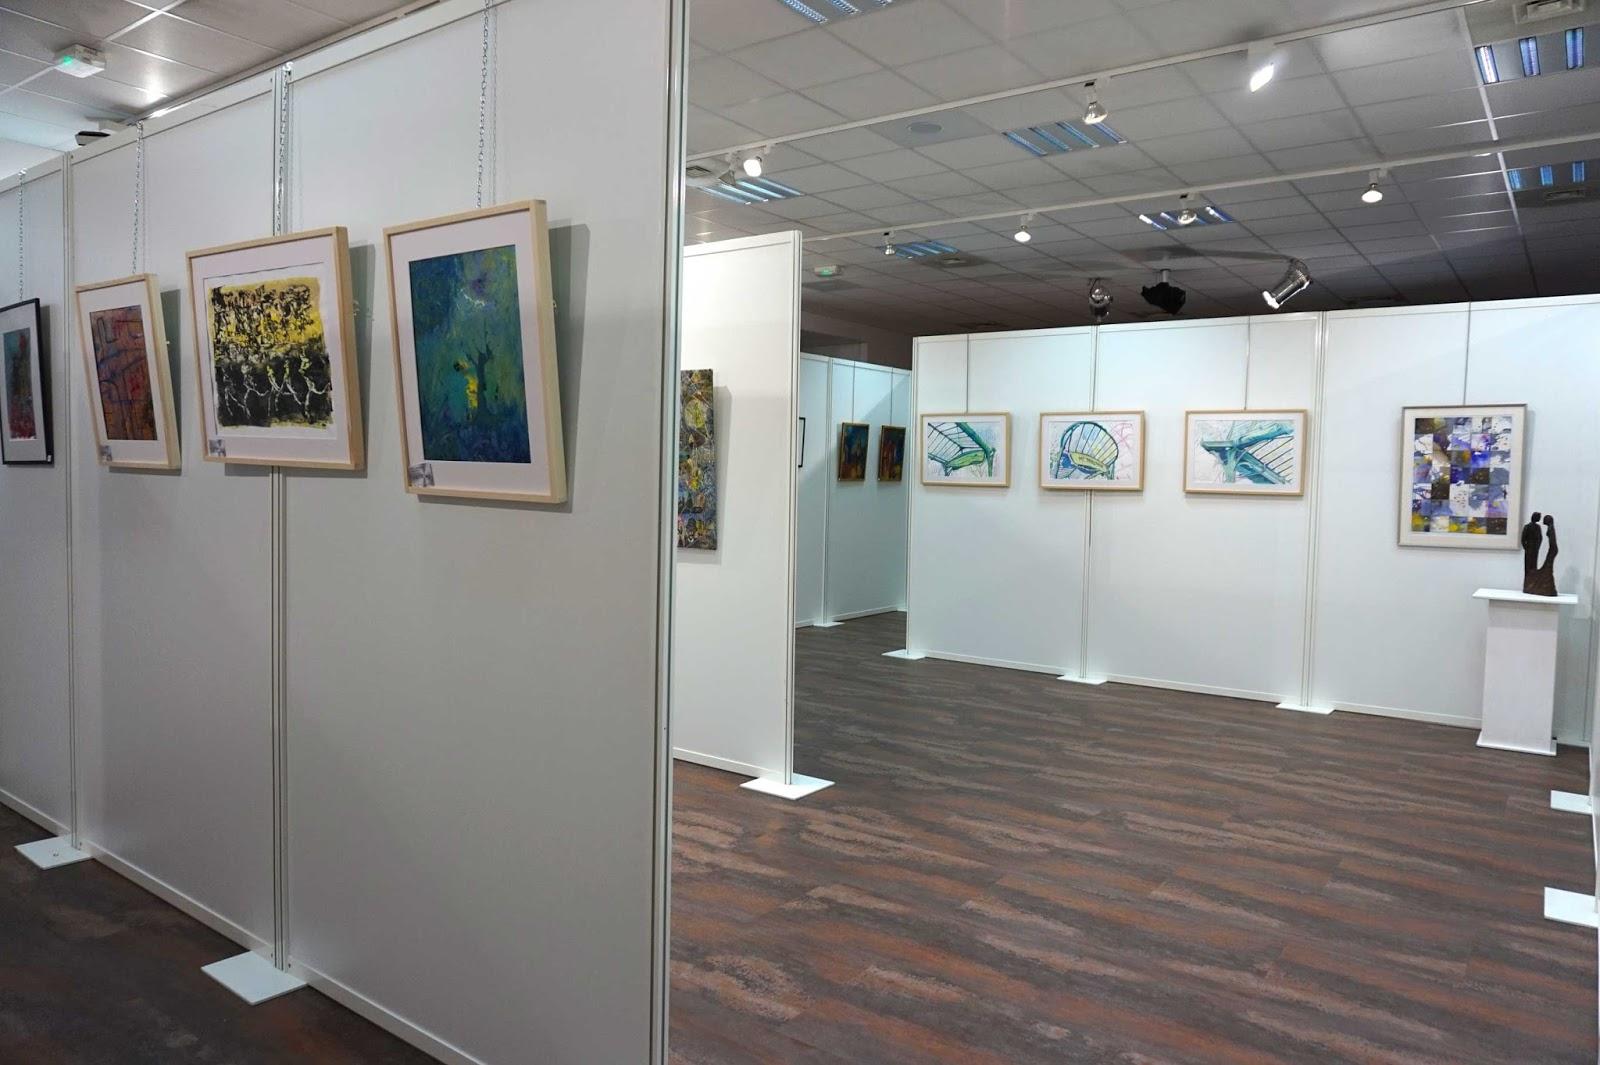 Contrastes arts plastiques quelques images de notre - Salon des associations ...